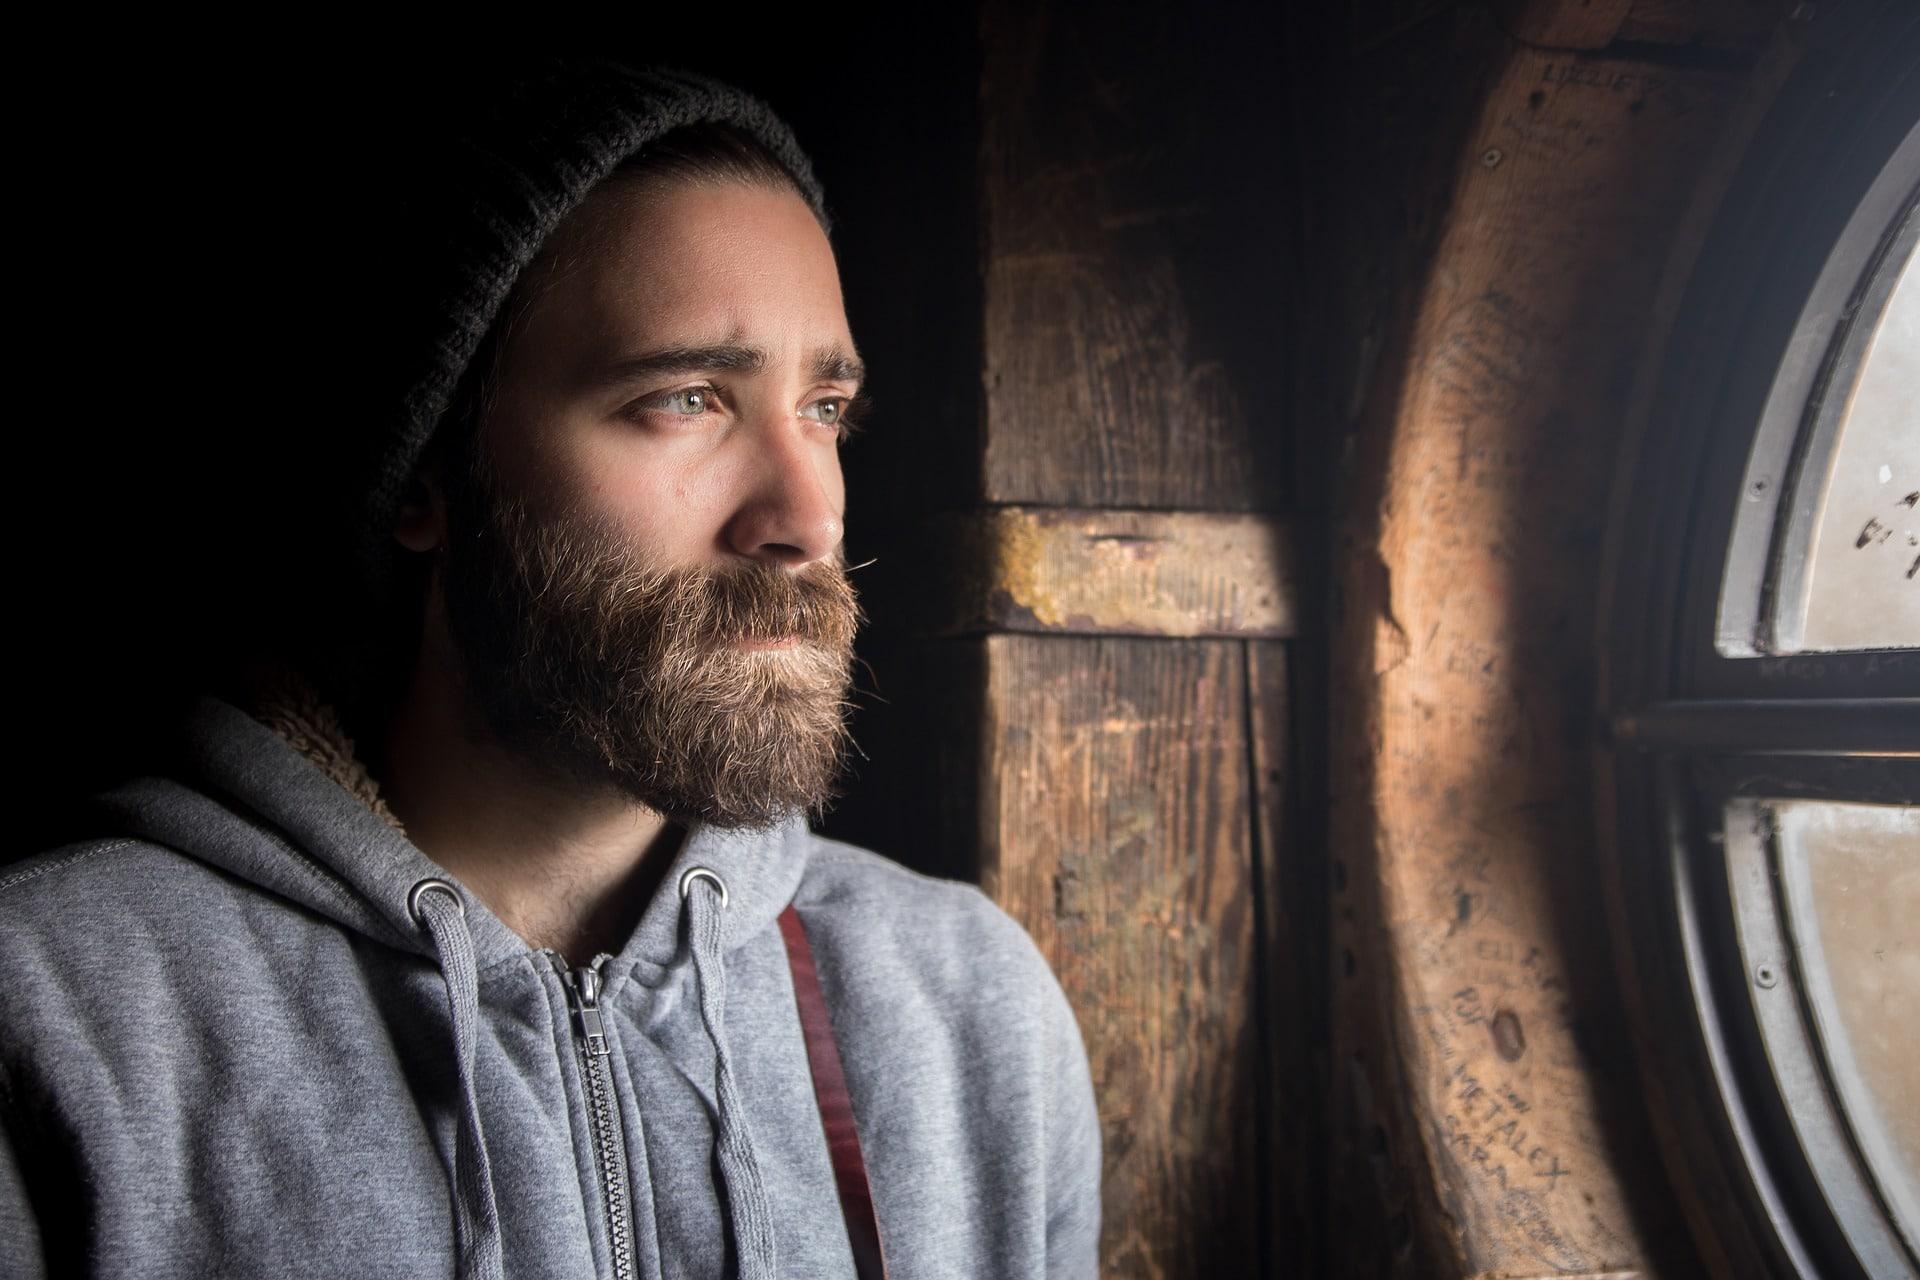 Shampoo per barba: Guida alla scelta del Migliore